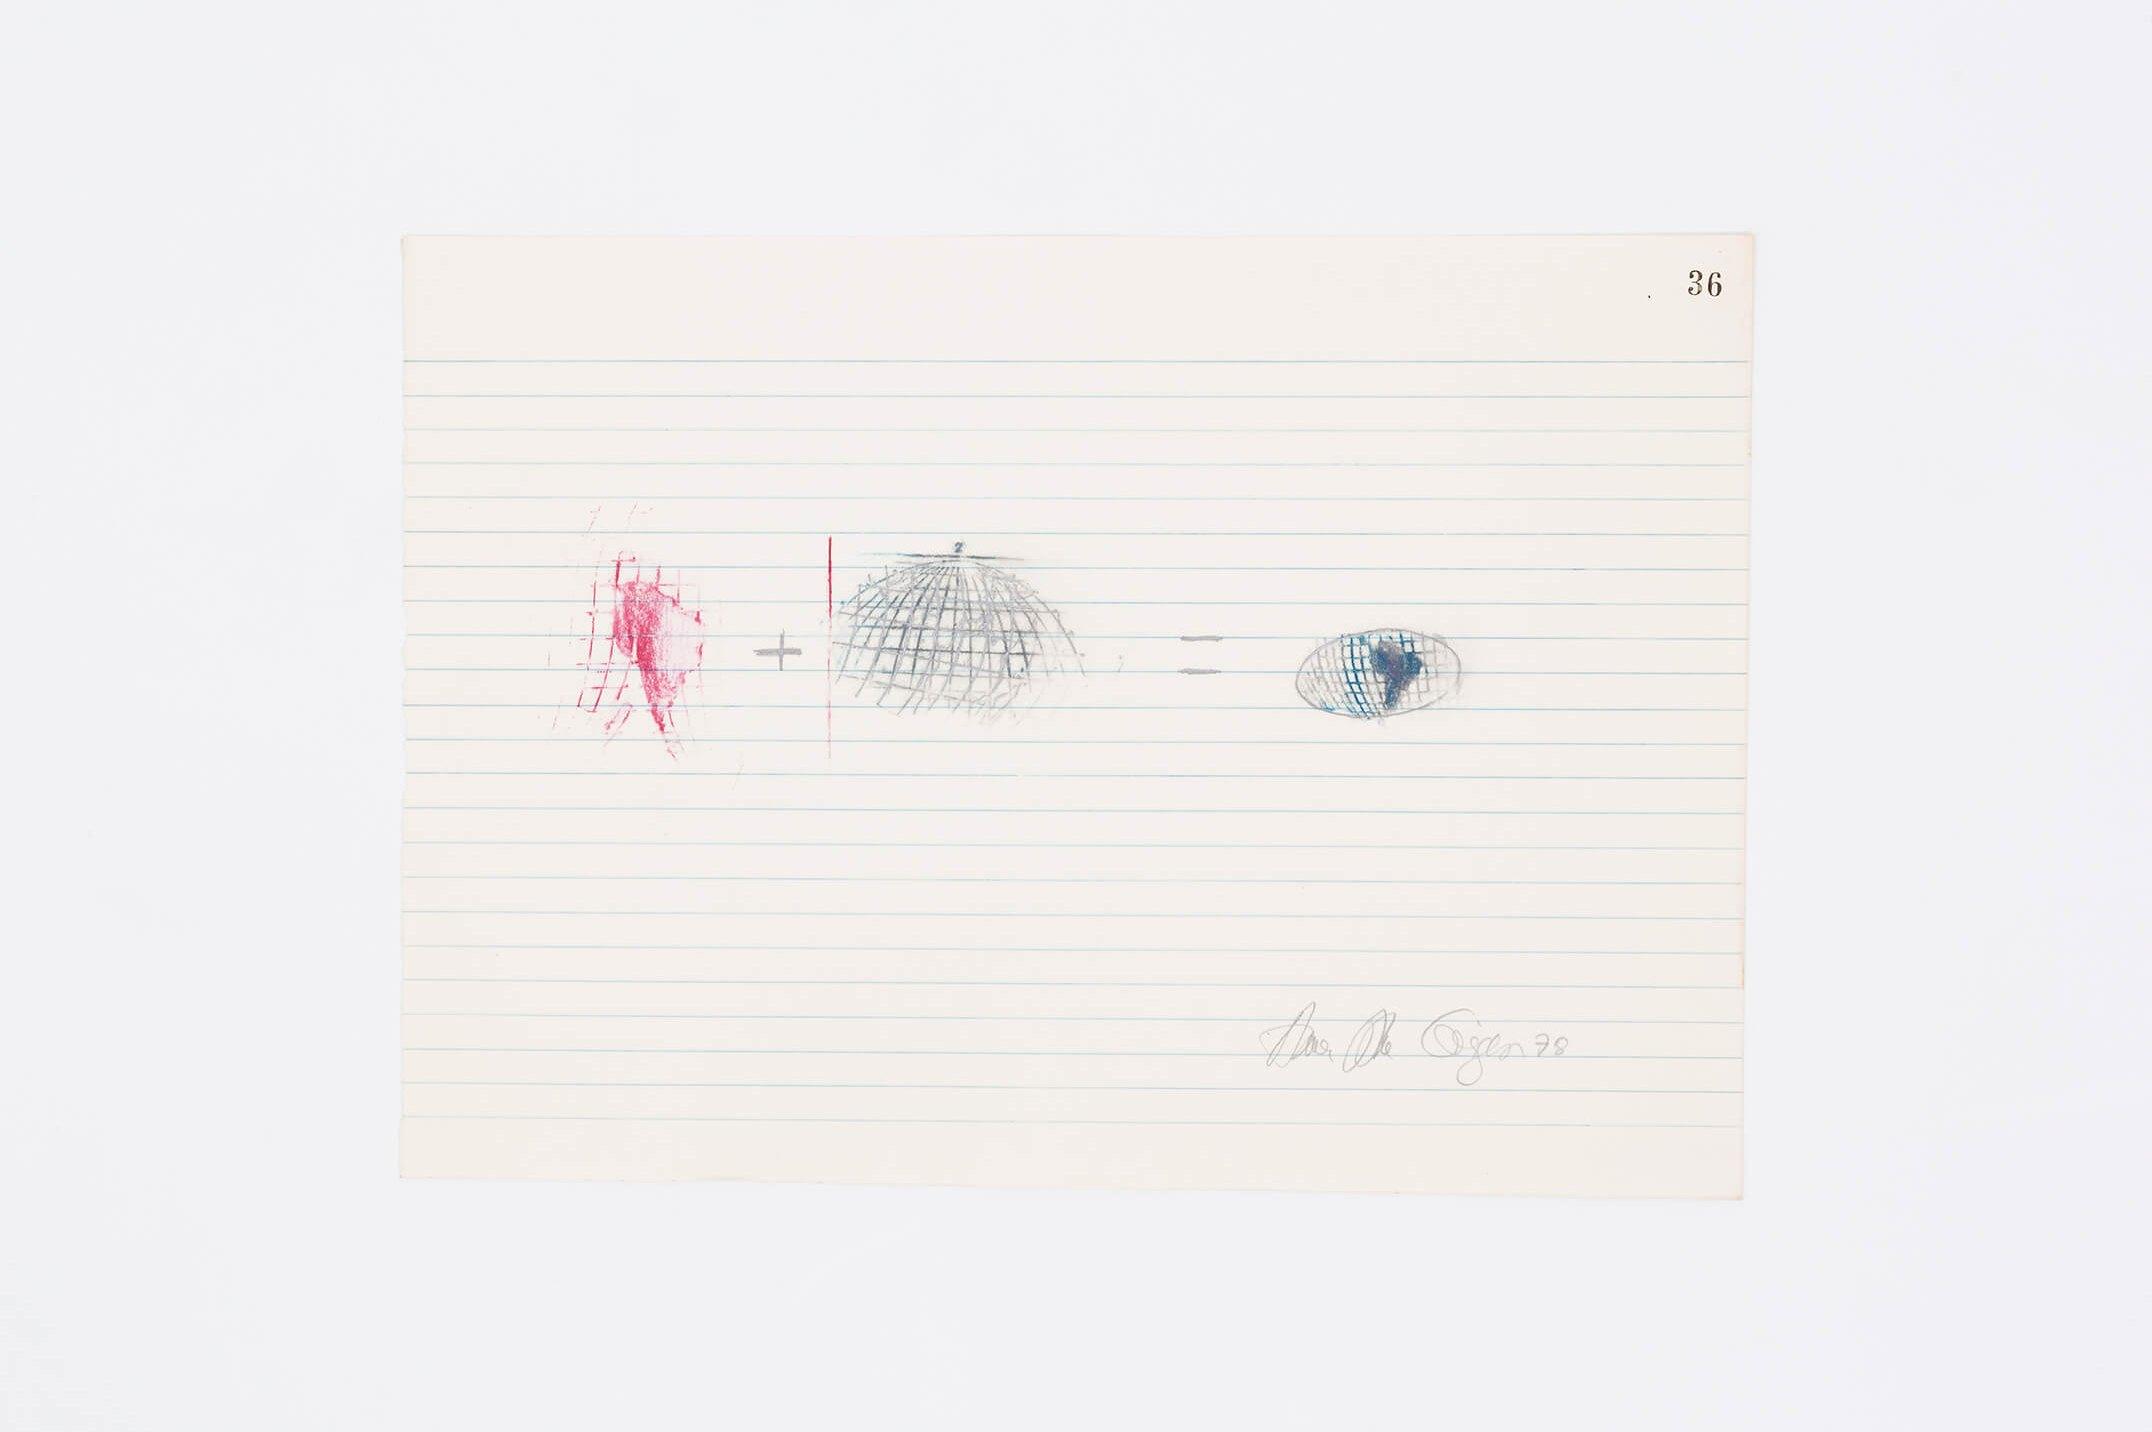 Anna Bella Geiger,<em>Equações, from Rerum Artibus series</em>, 1978,drawing on lined paper,24 × 33 cm - Mendes Wood DM